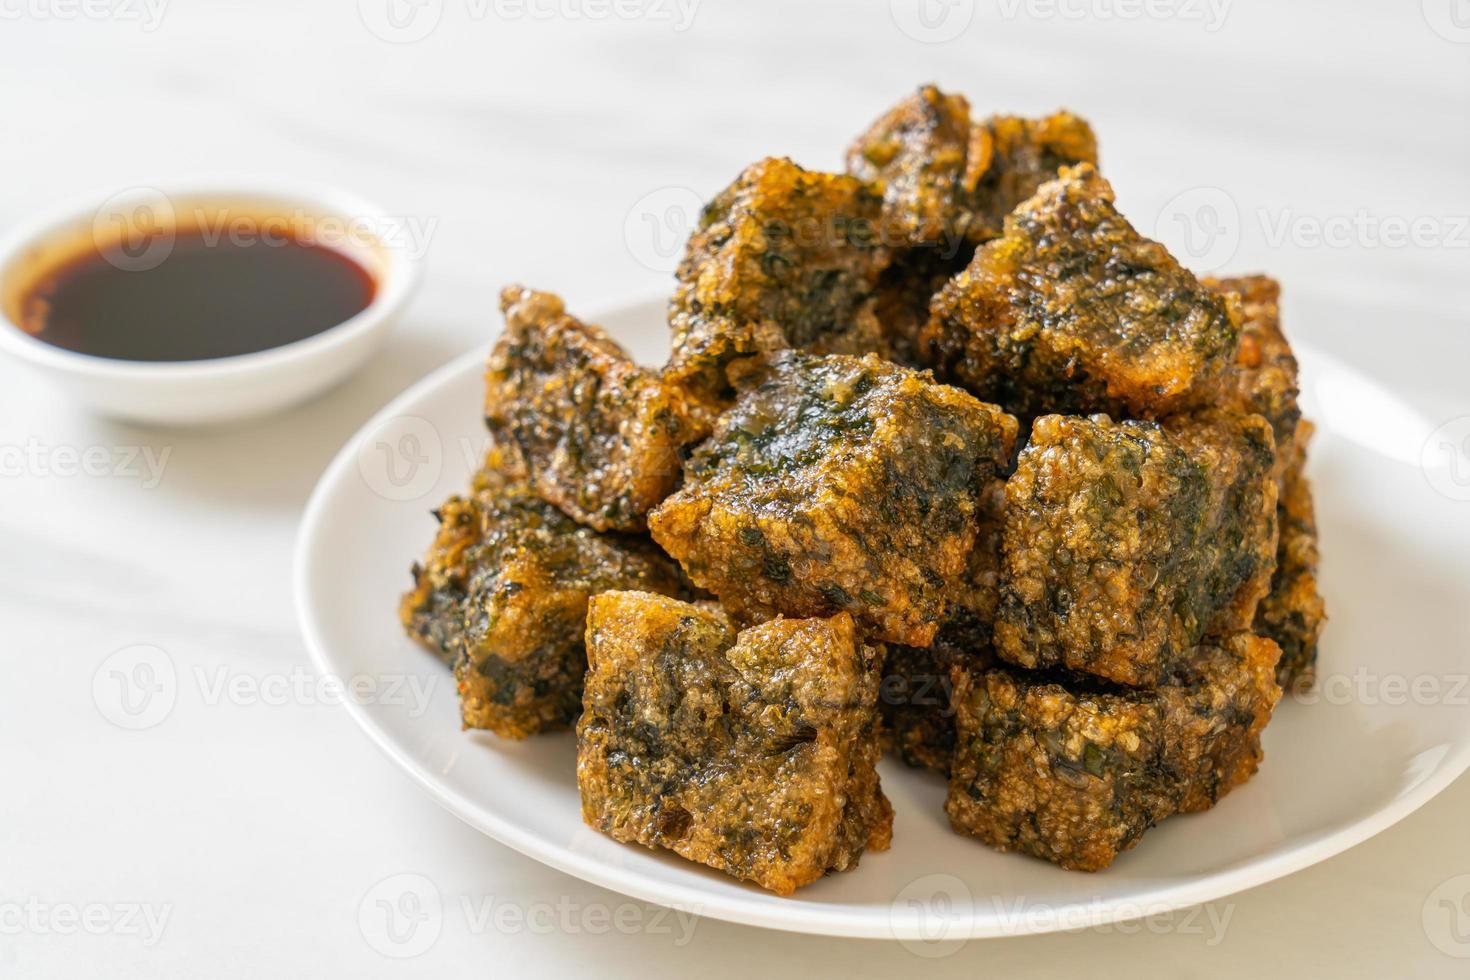 stekt kines gräslök dumpling tårta foto